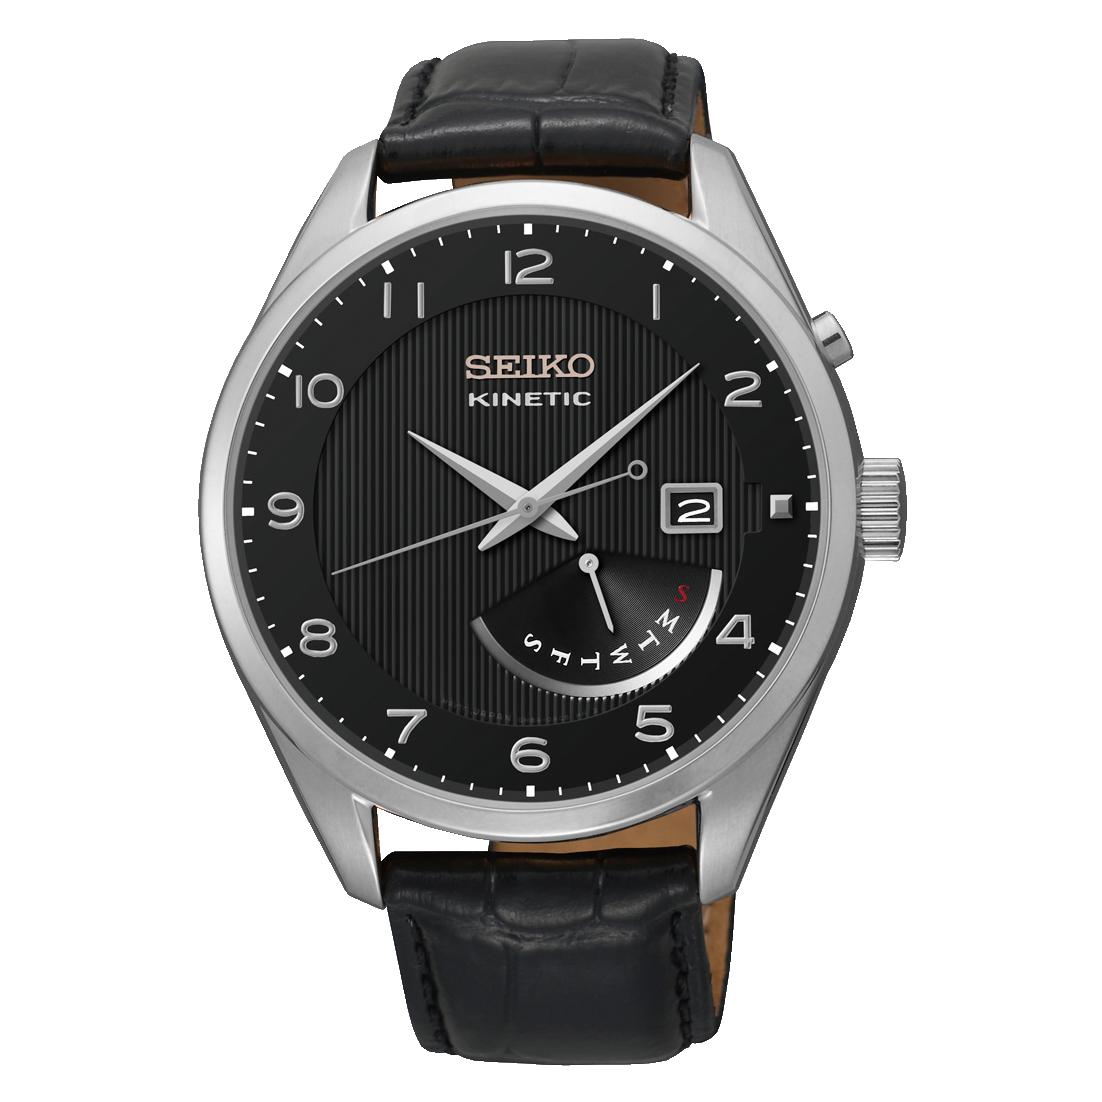 Seiko Kinetic SRN051P1